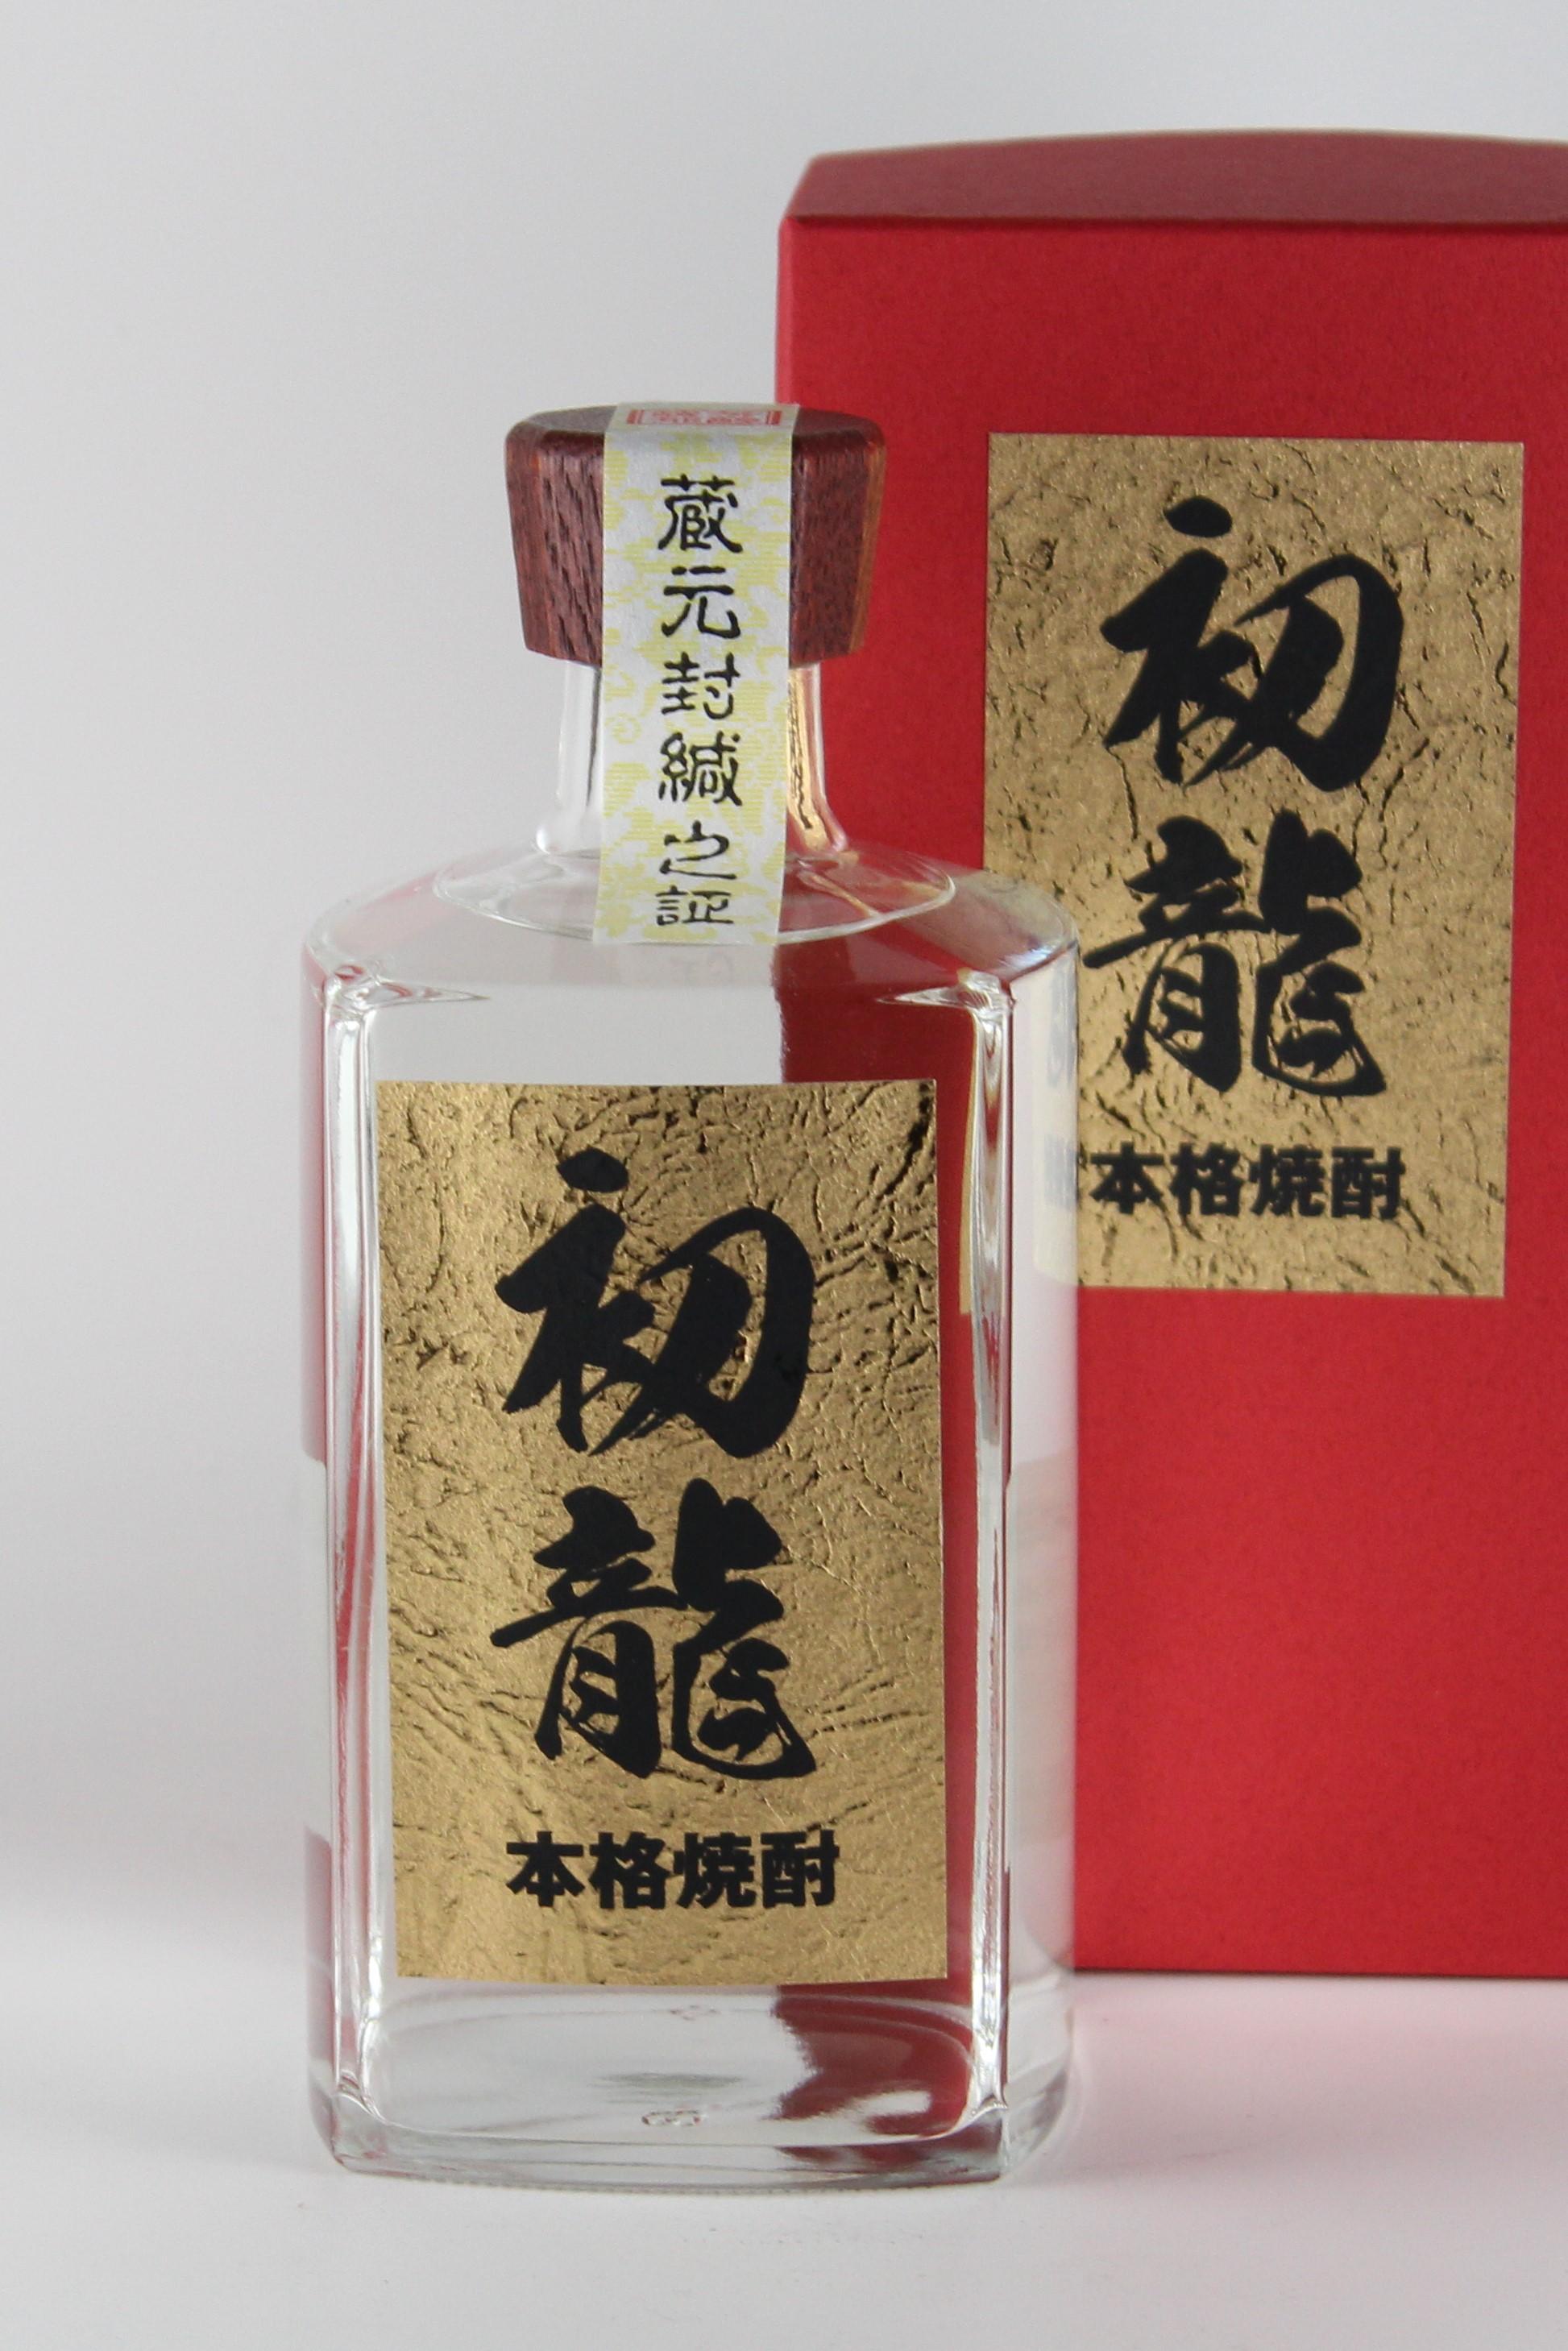 辰泉 初龍2006 44度 500ml 【福島/辰泉酒造】蔵出限定100本